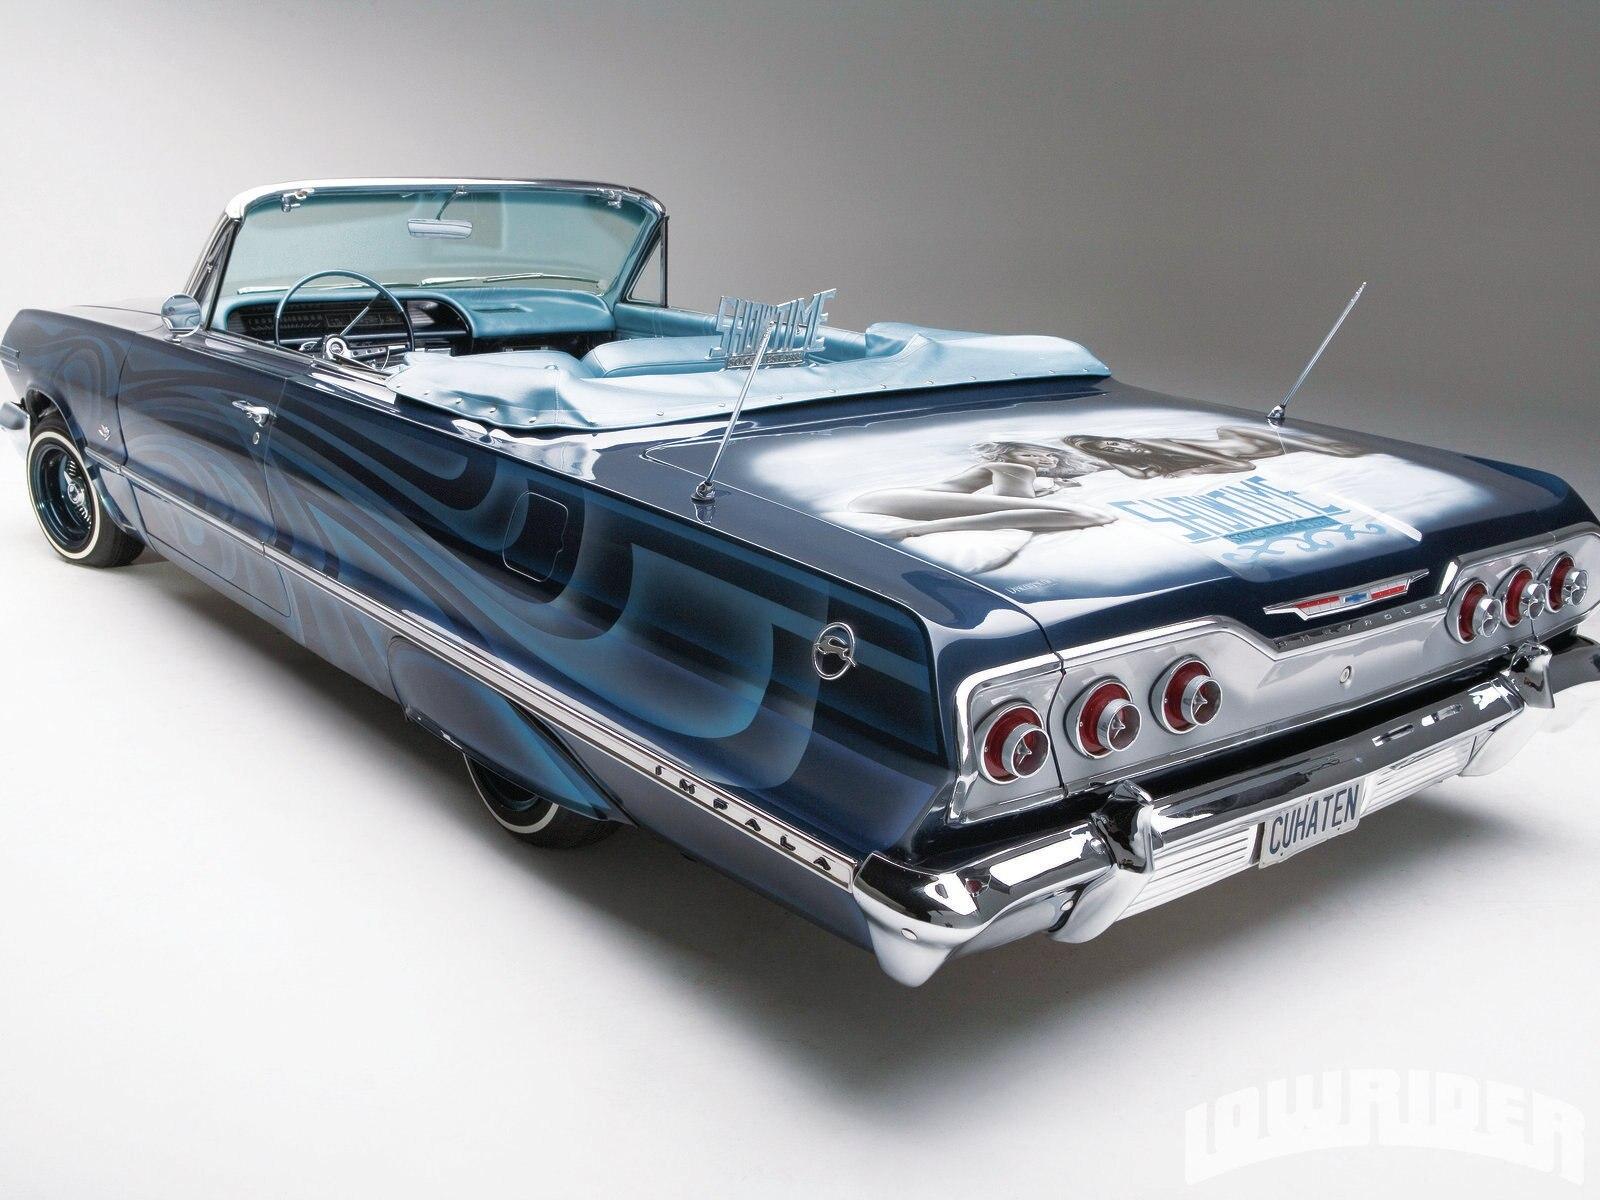 lrmp_1107_01_z-1963_impala_convertible-rear_view3